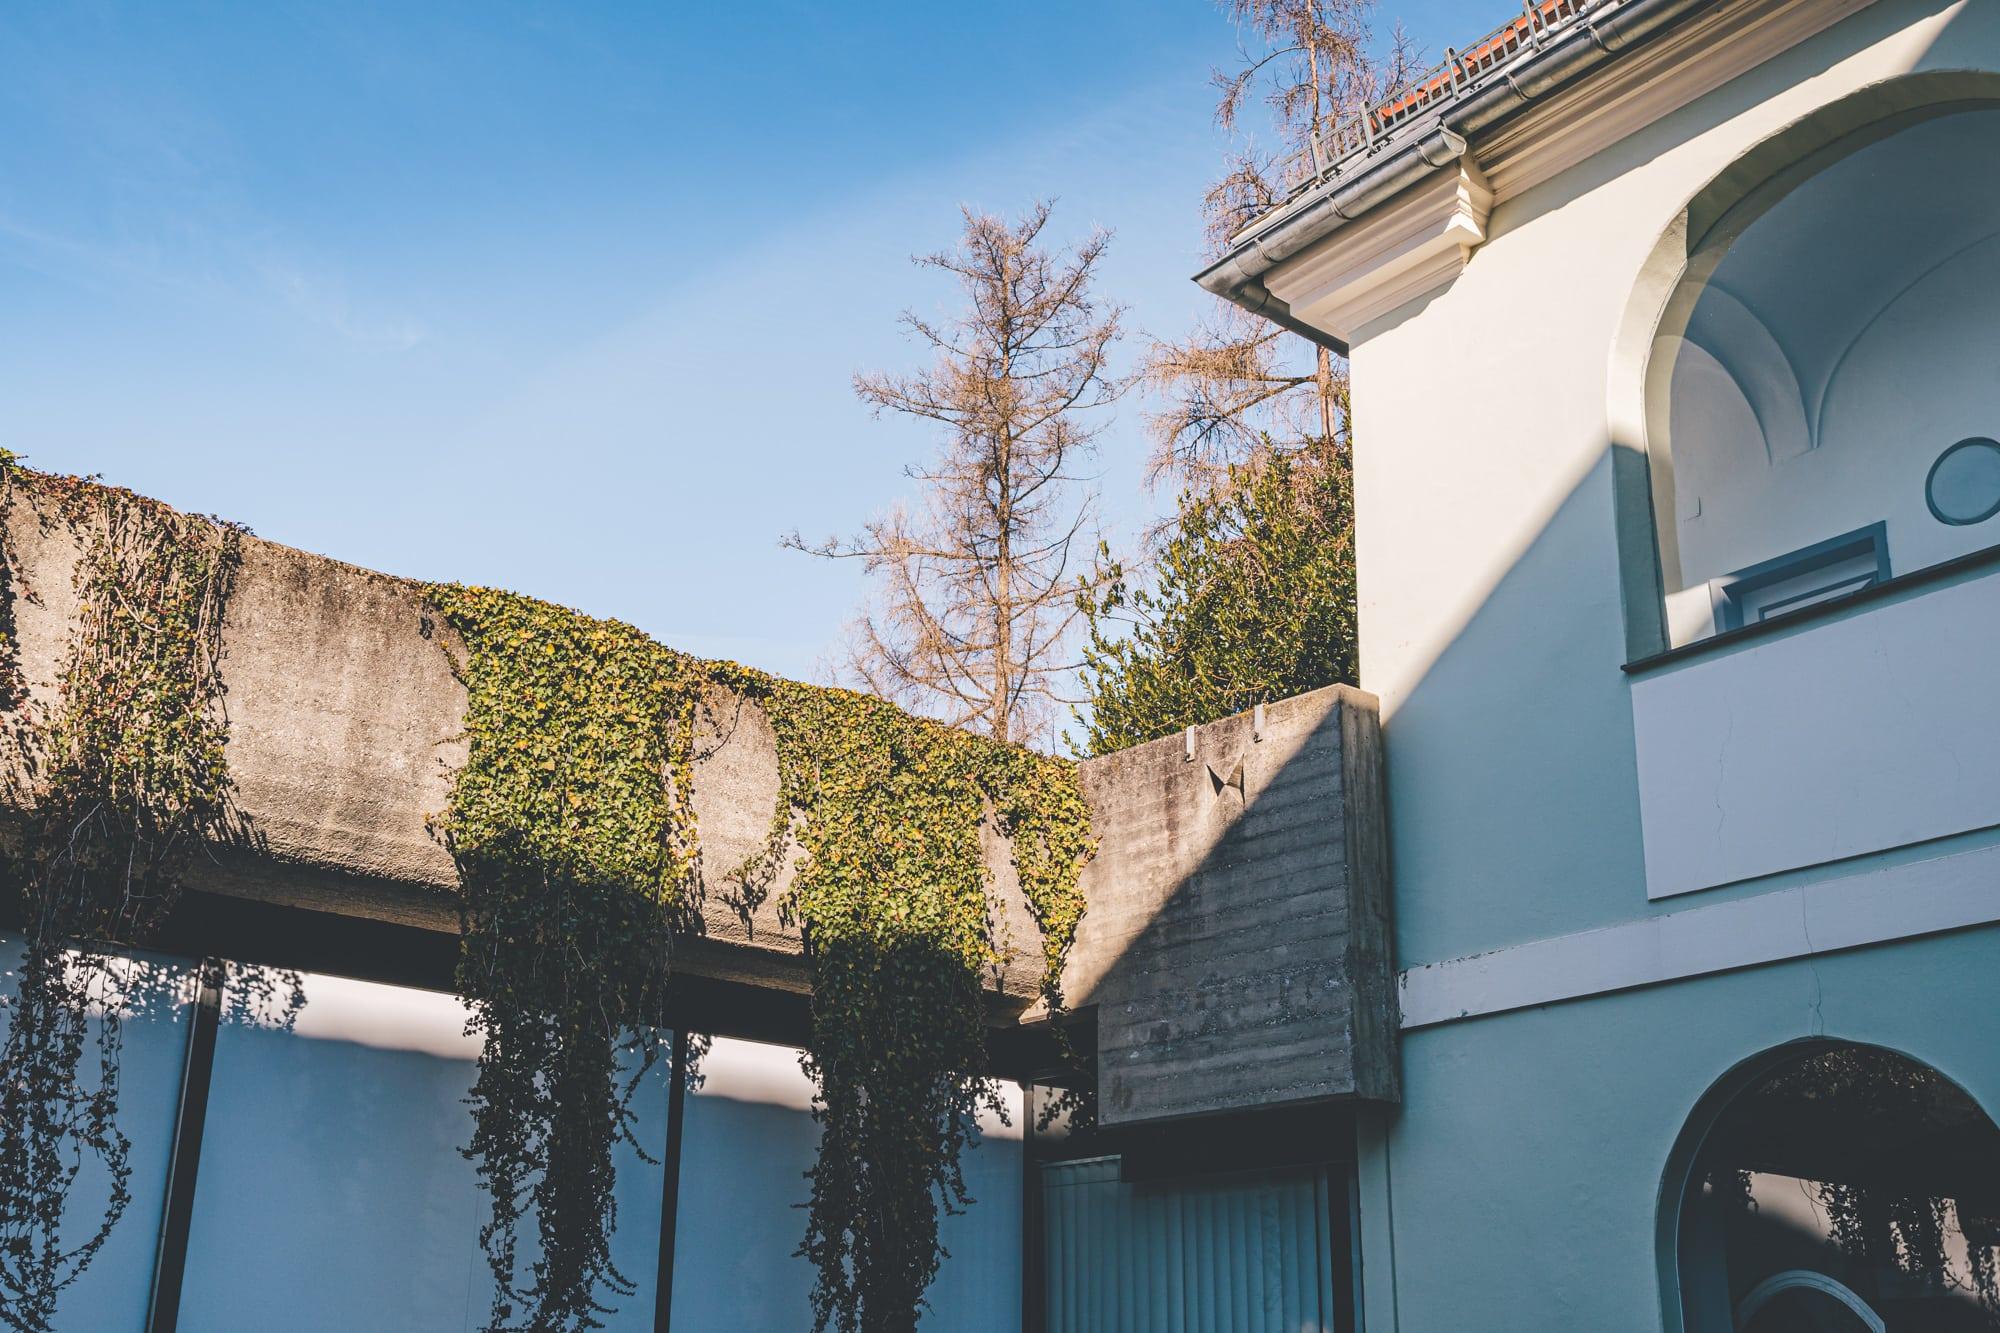 Stadthaus, Alpen Adria Galerie, moderne Architektur, 9020 Klagenfurt am Wörthersee, 60er Jahre Bauwerk